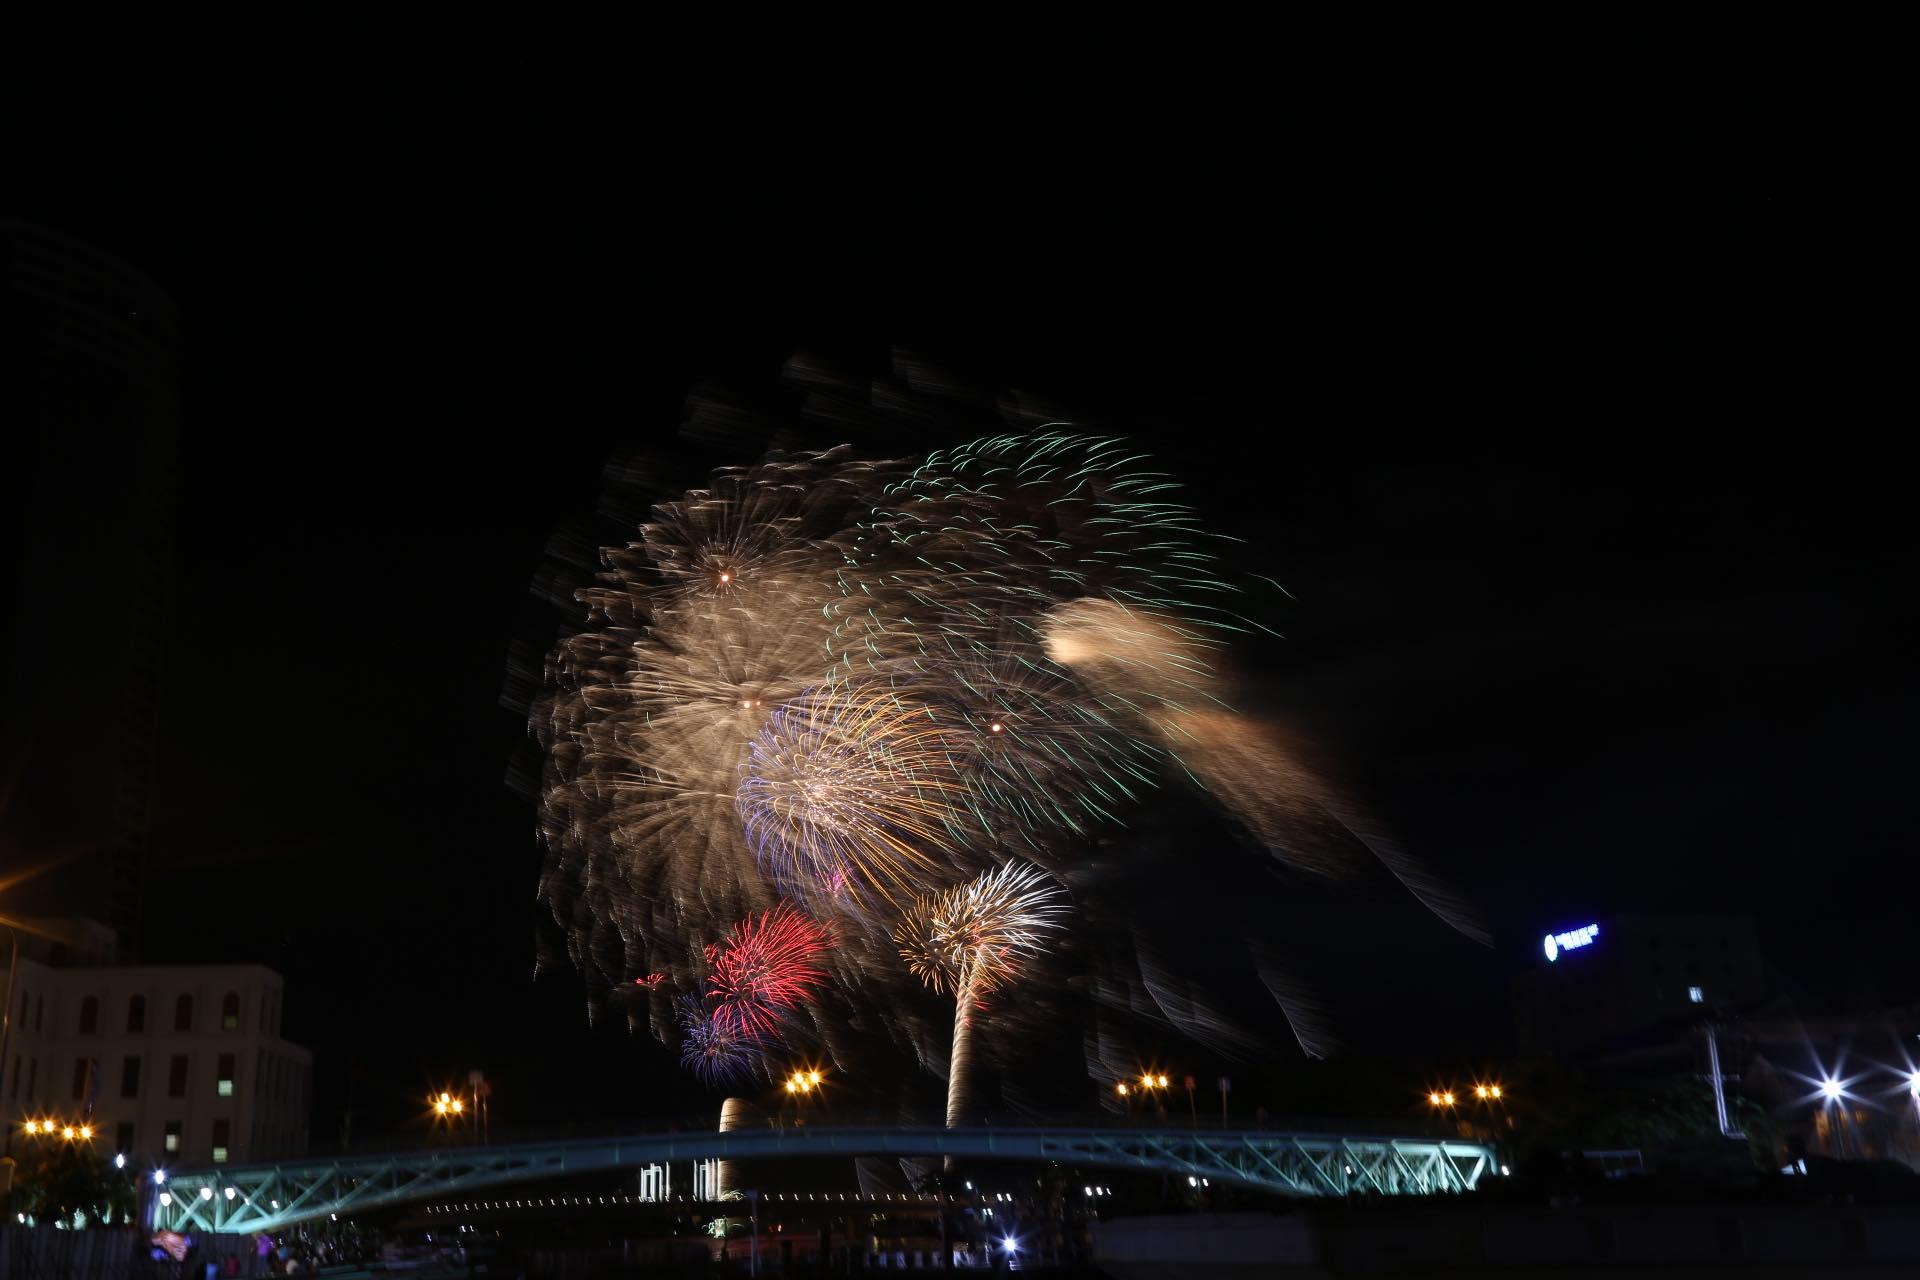 Hàng triệu người dân Sài Gòn xuống phố đón màn pháo hoa rực rỡ mừng năm mới 2019 - Ảnh 10